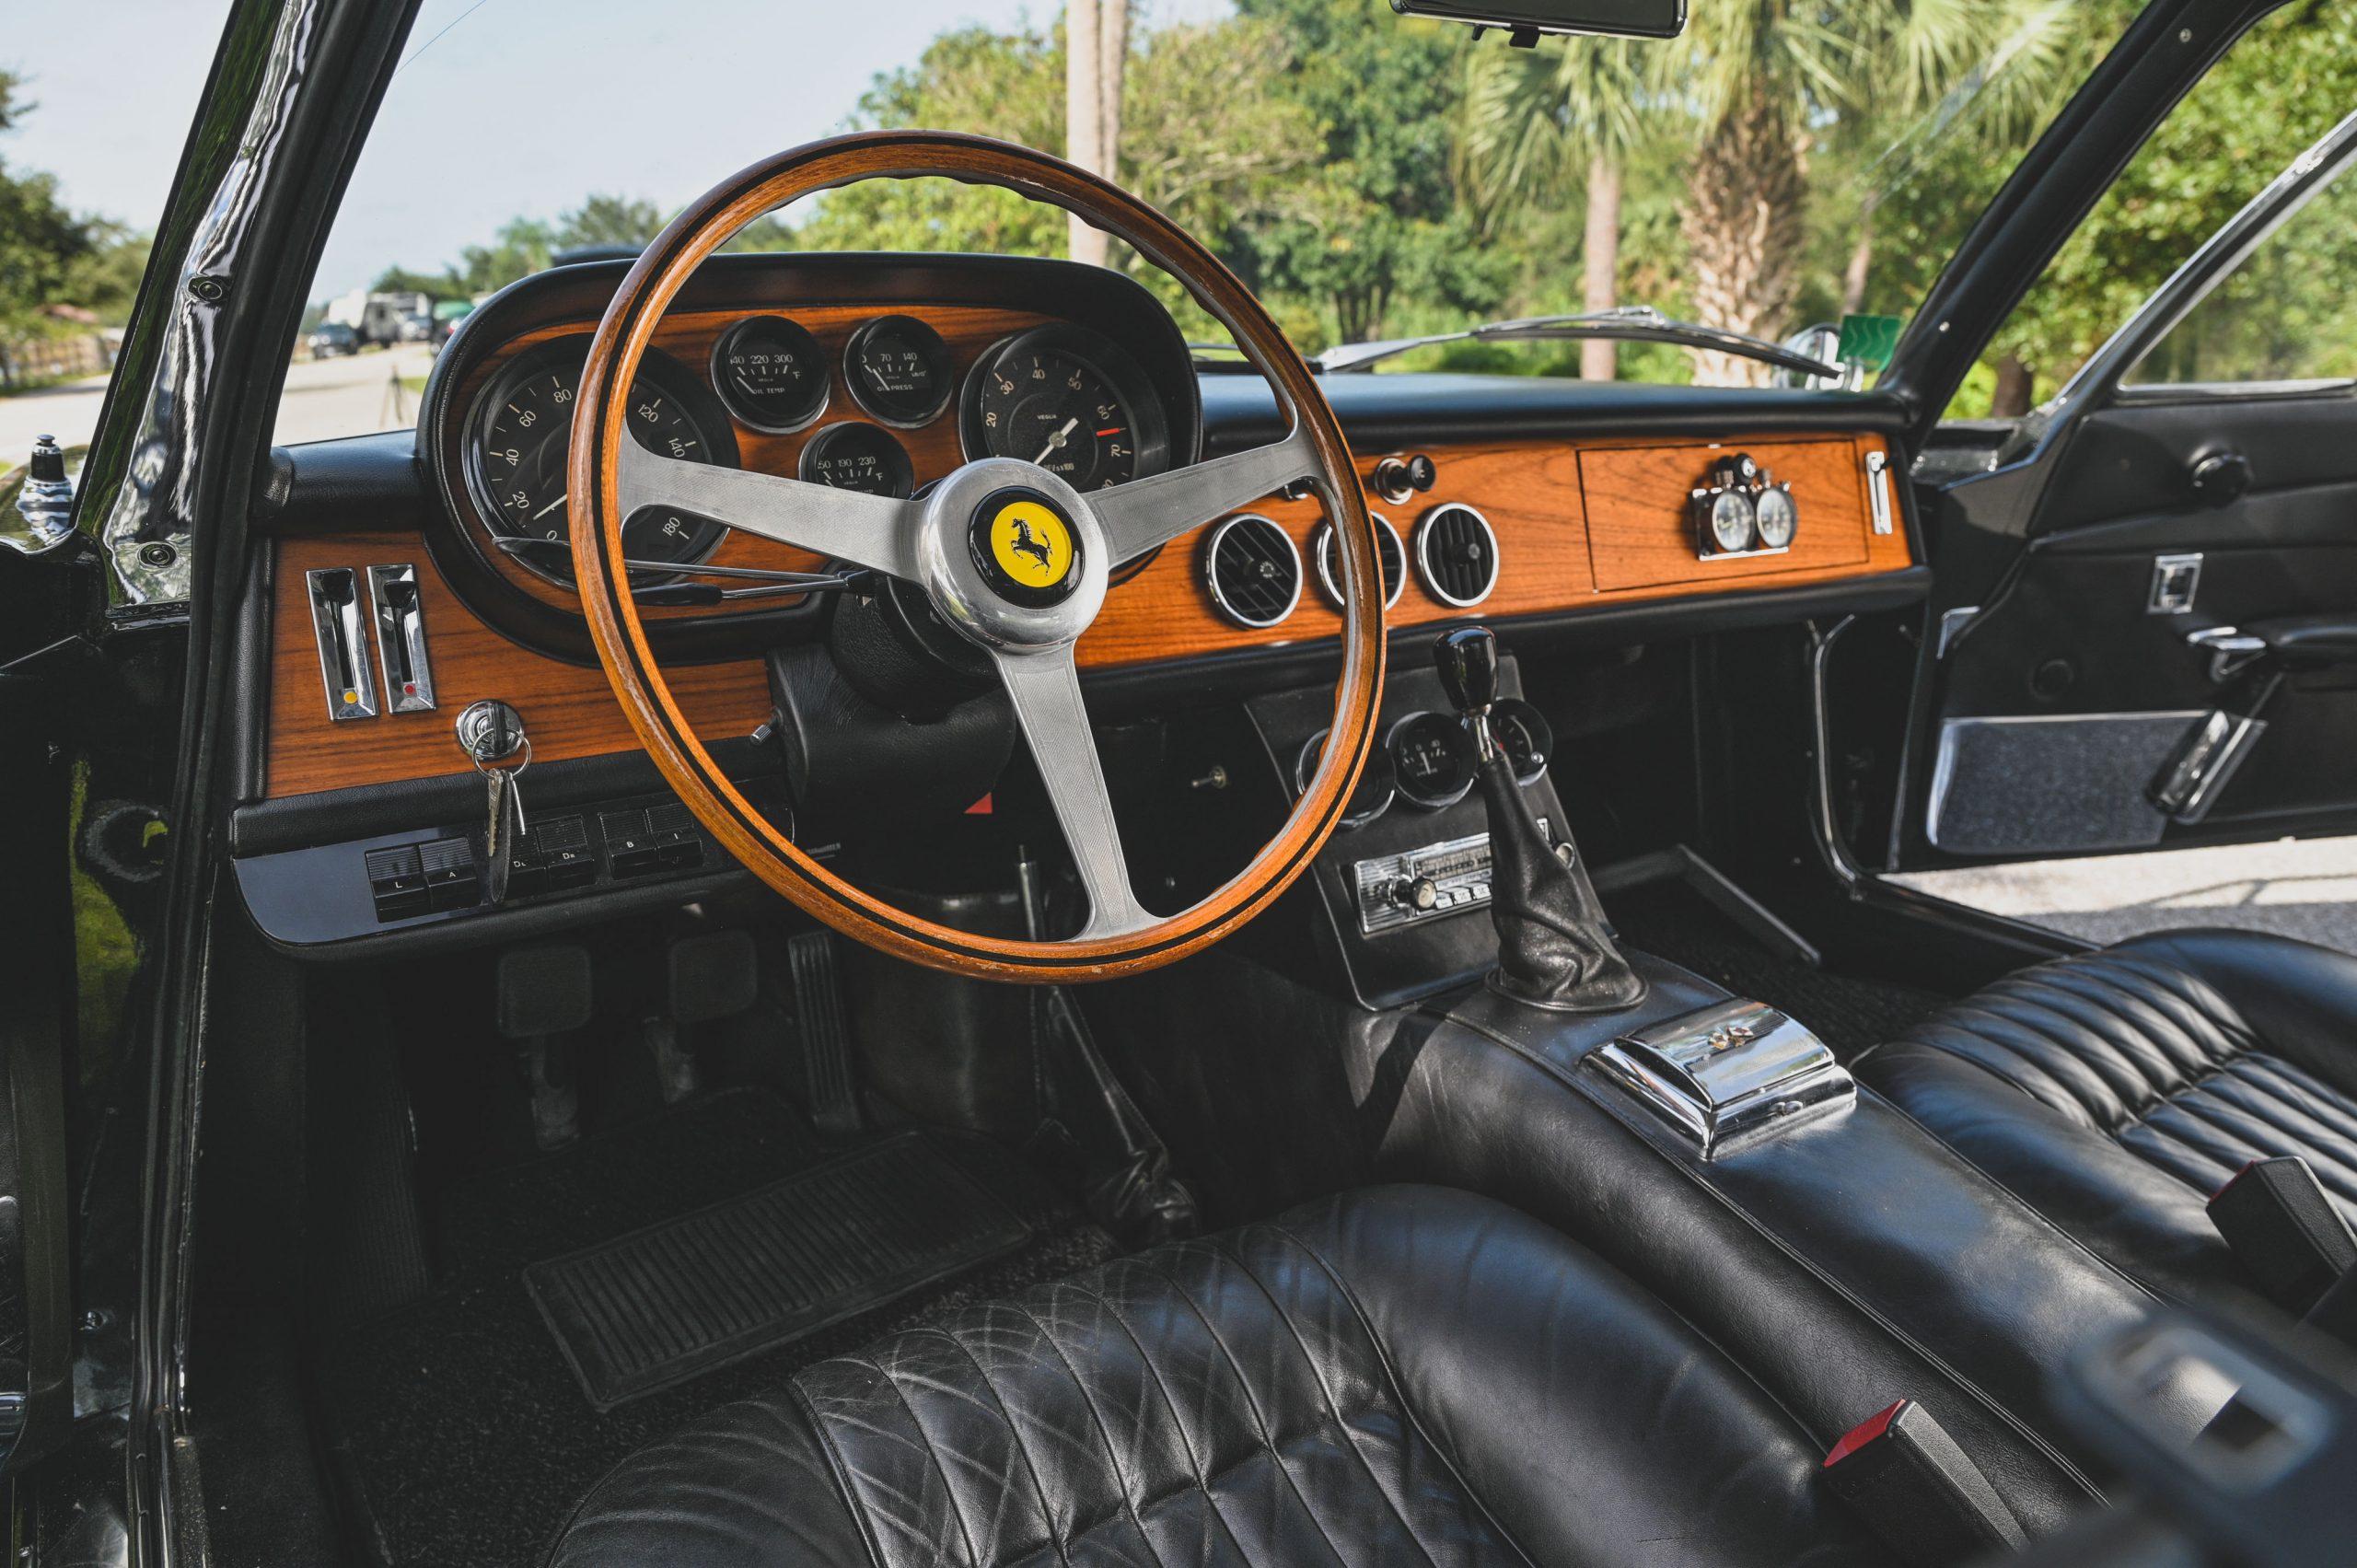 Ferrari 500 Superfast front interior